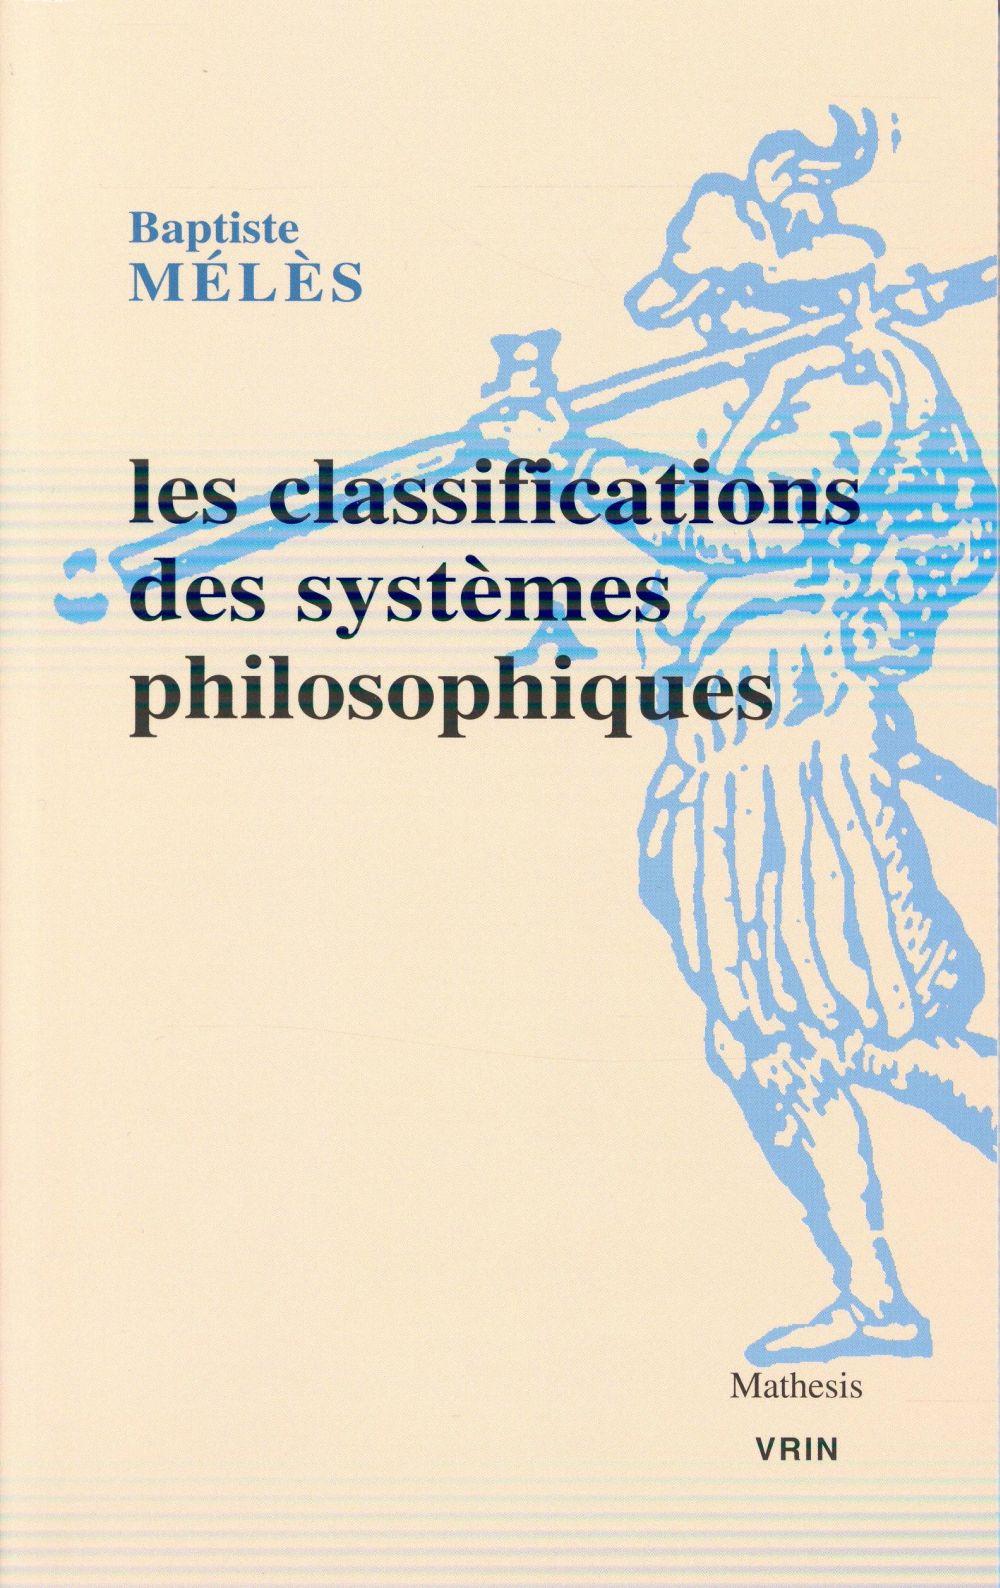 LES CLASSIFICATIONS DES SYSTEMES PHILOSOPHIQUES